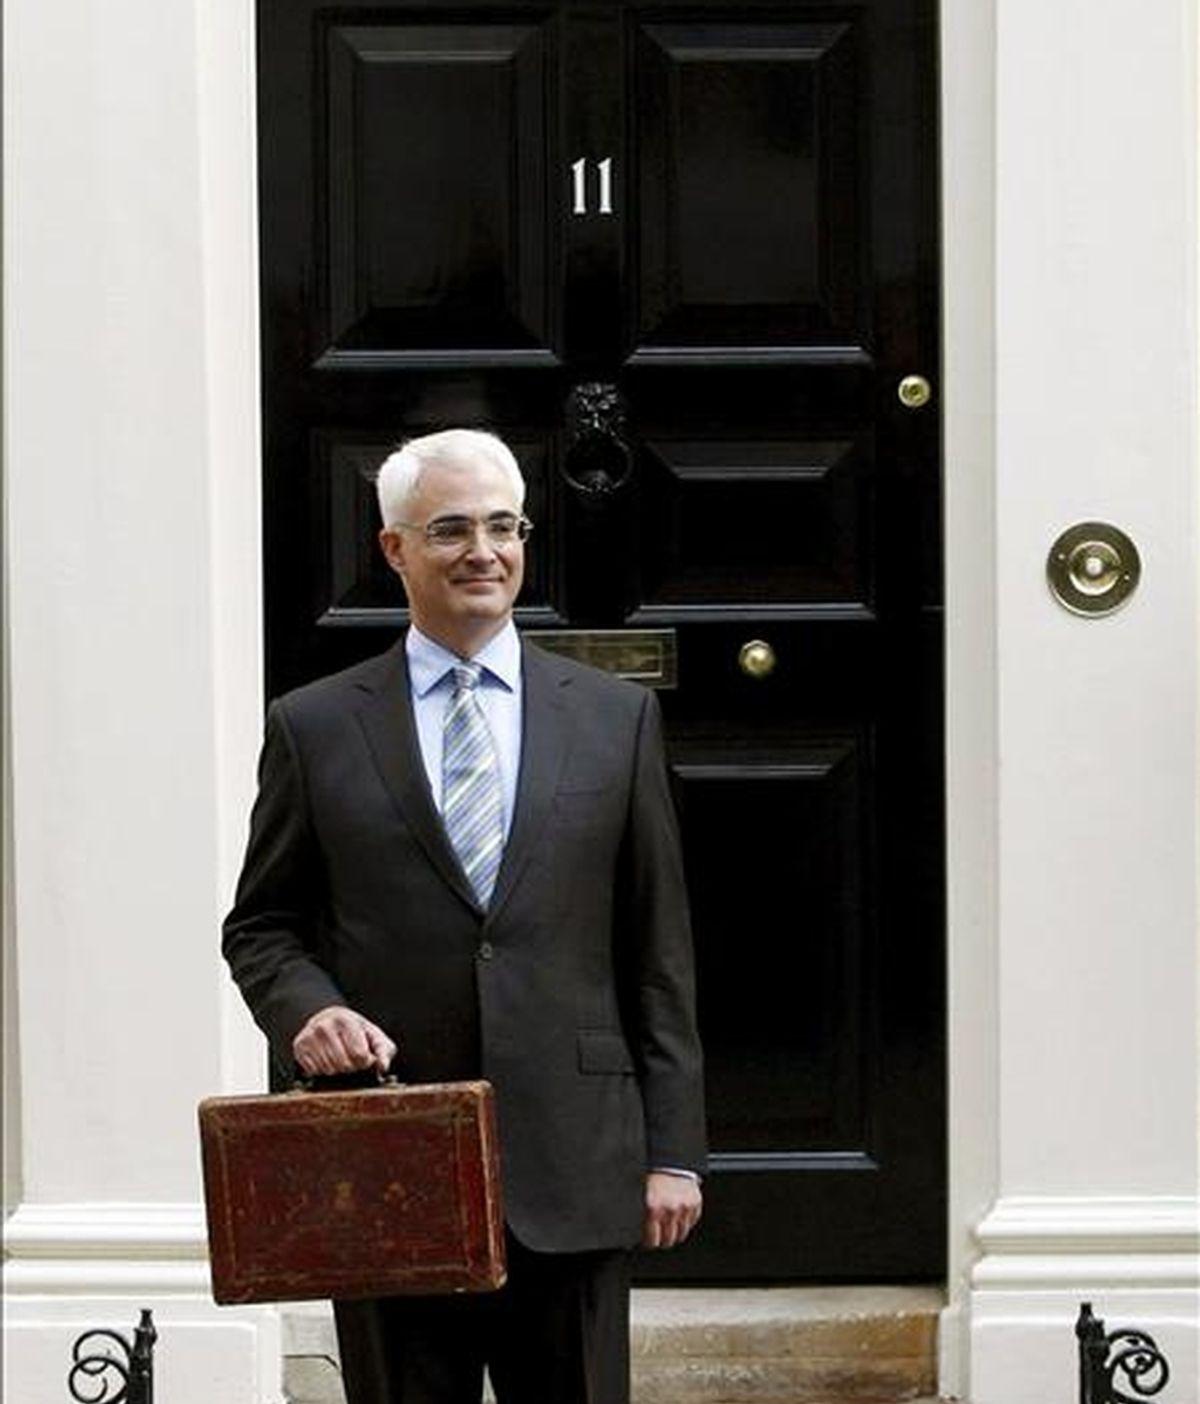 El ministro británico de Finanzas, Alistair Darling. EFE/Archivo